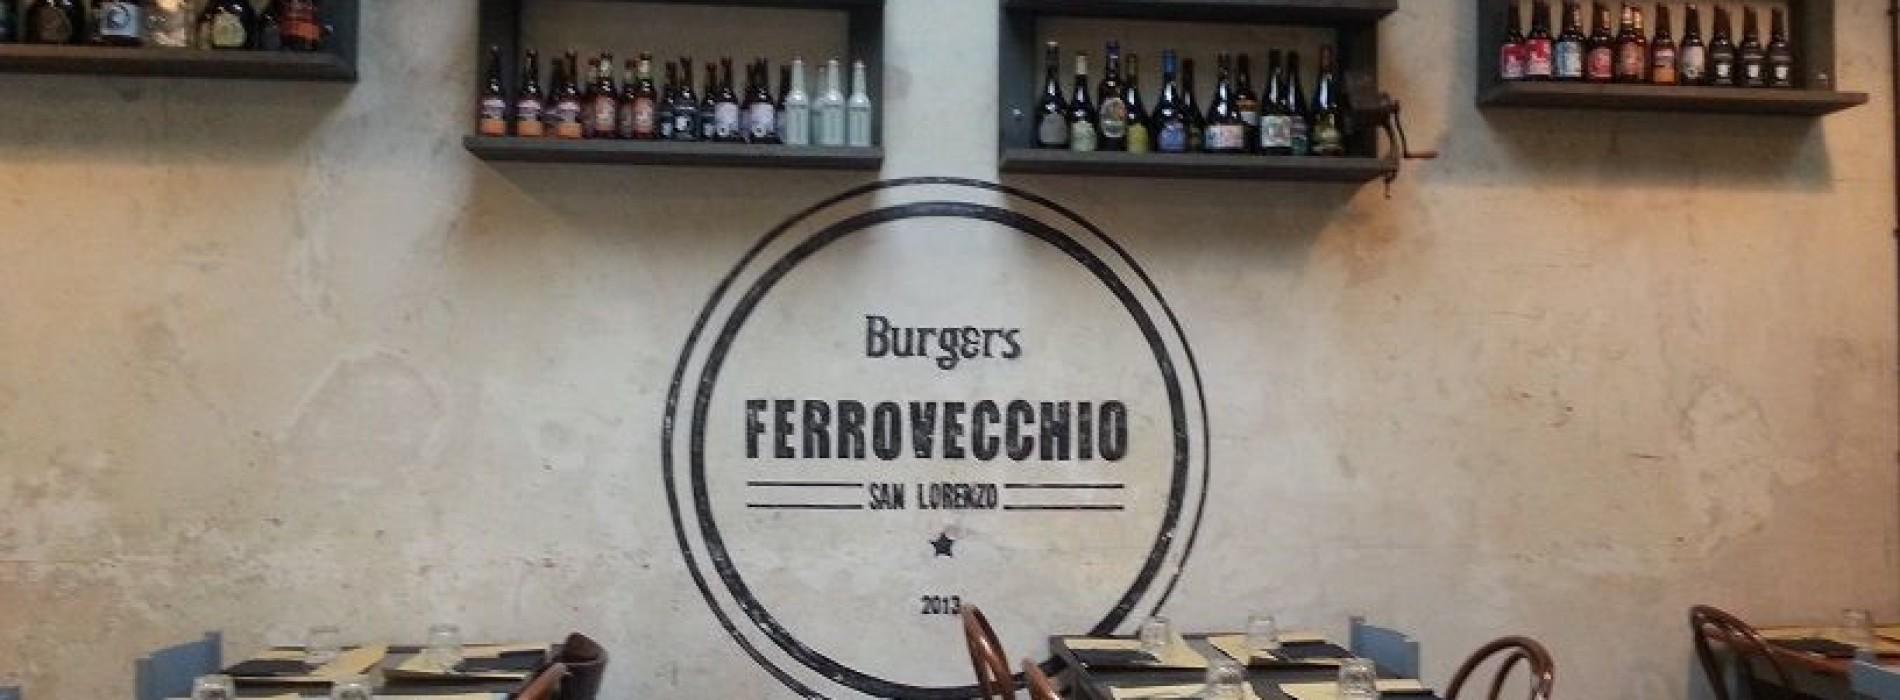 Roma/ A San Lorenzo apre Ferrovecchio: birre artigianali e hamburger in ambiente metalmeccanico